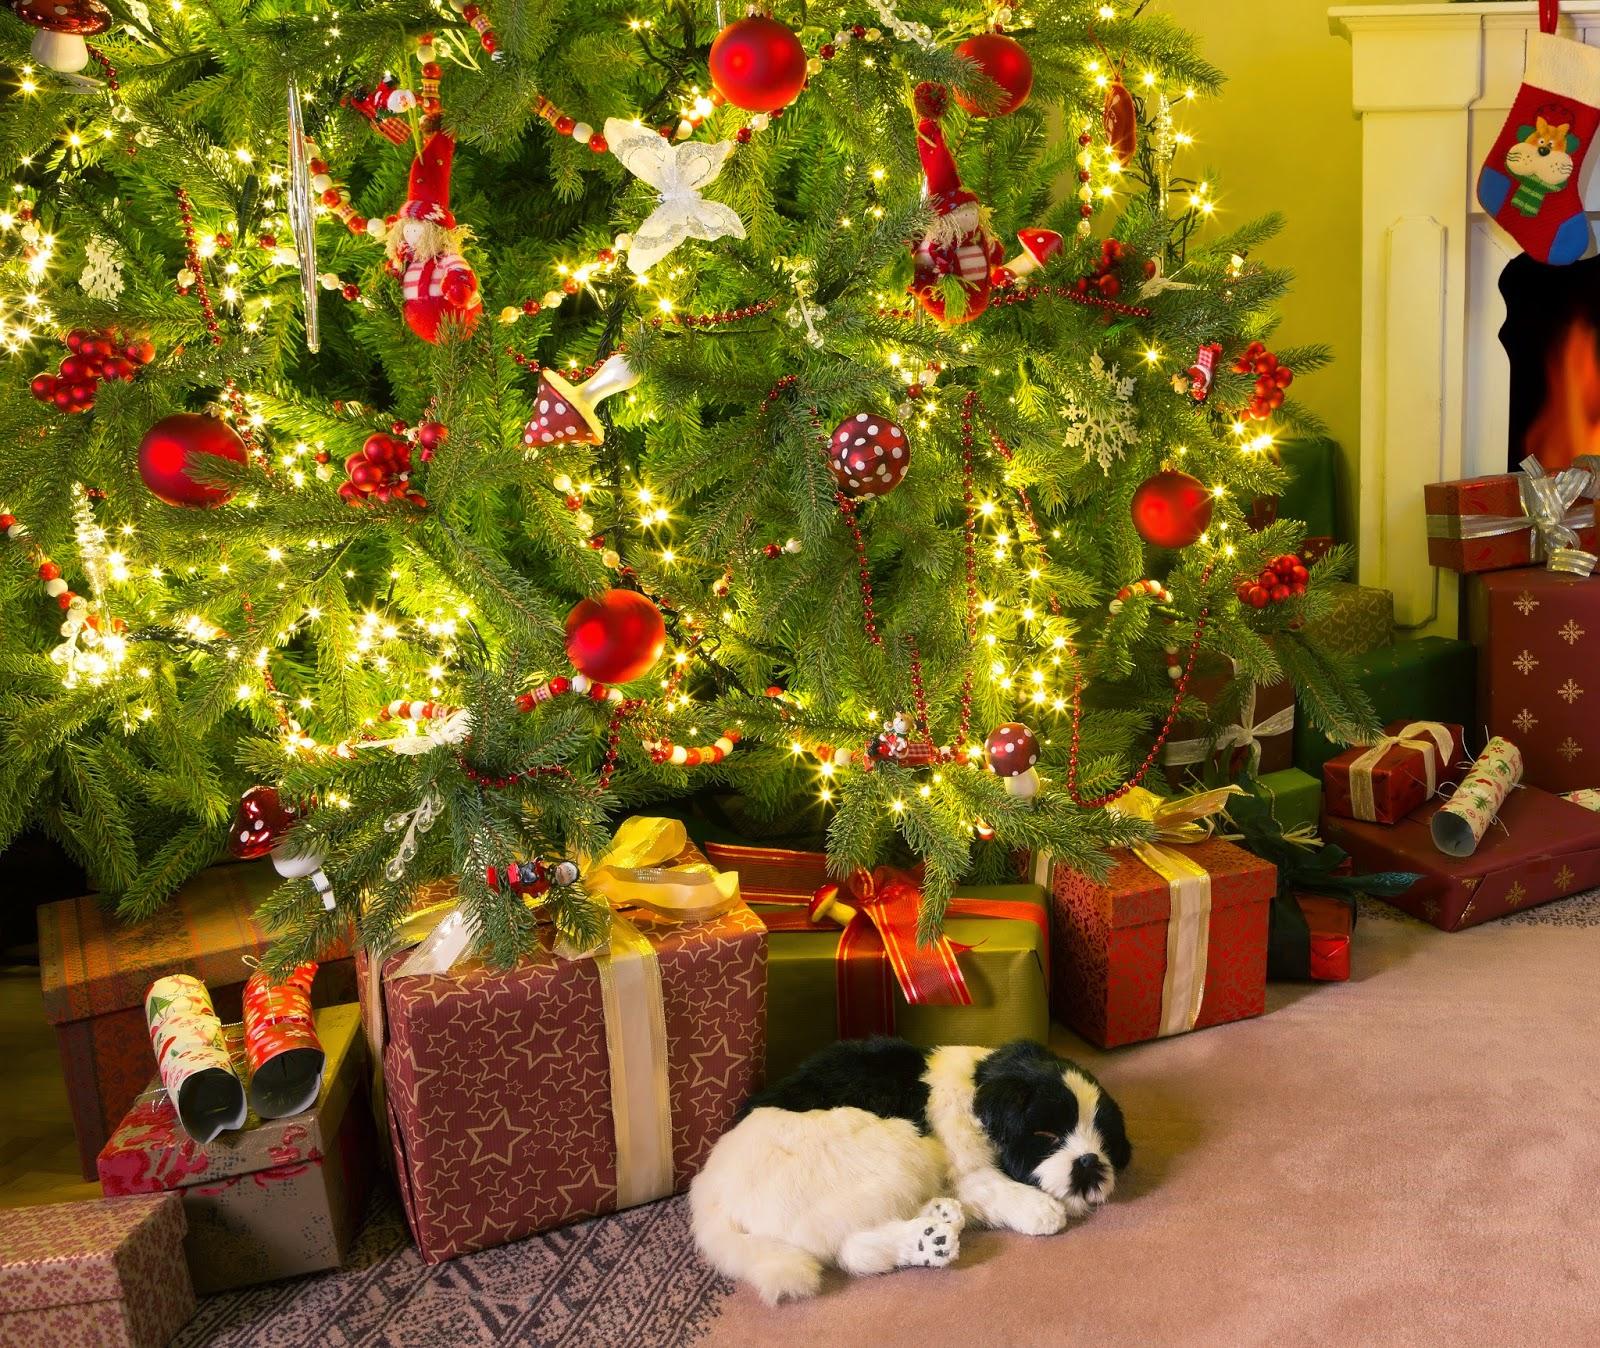 Les Traditions De Noel En Australie témoignages de stages en pays anglophones: noël aux quatre